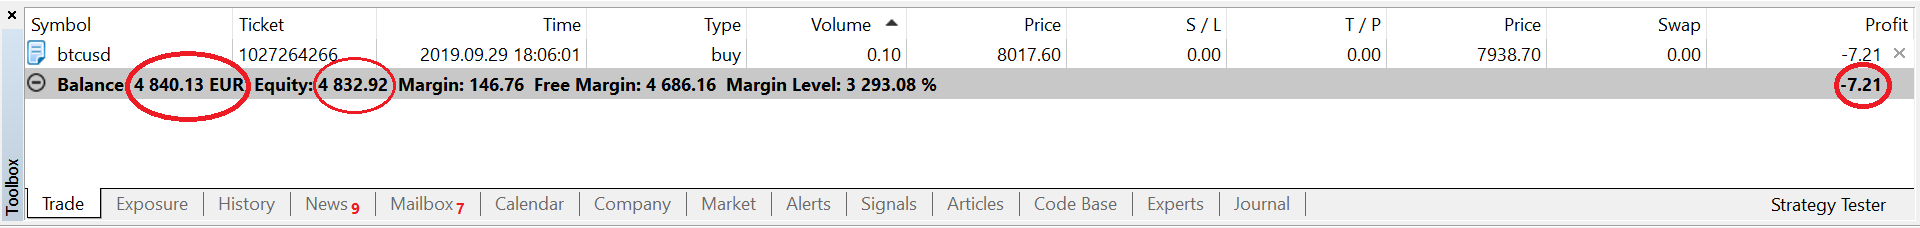 Kategorija - Binārās opcijas (Lappuse 10) | Stock Trend System